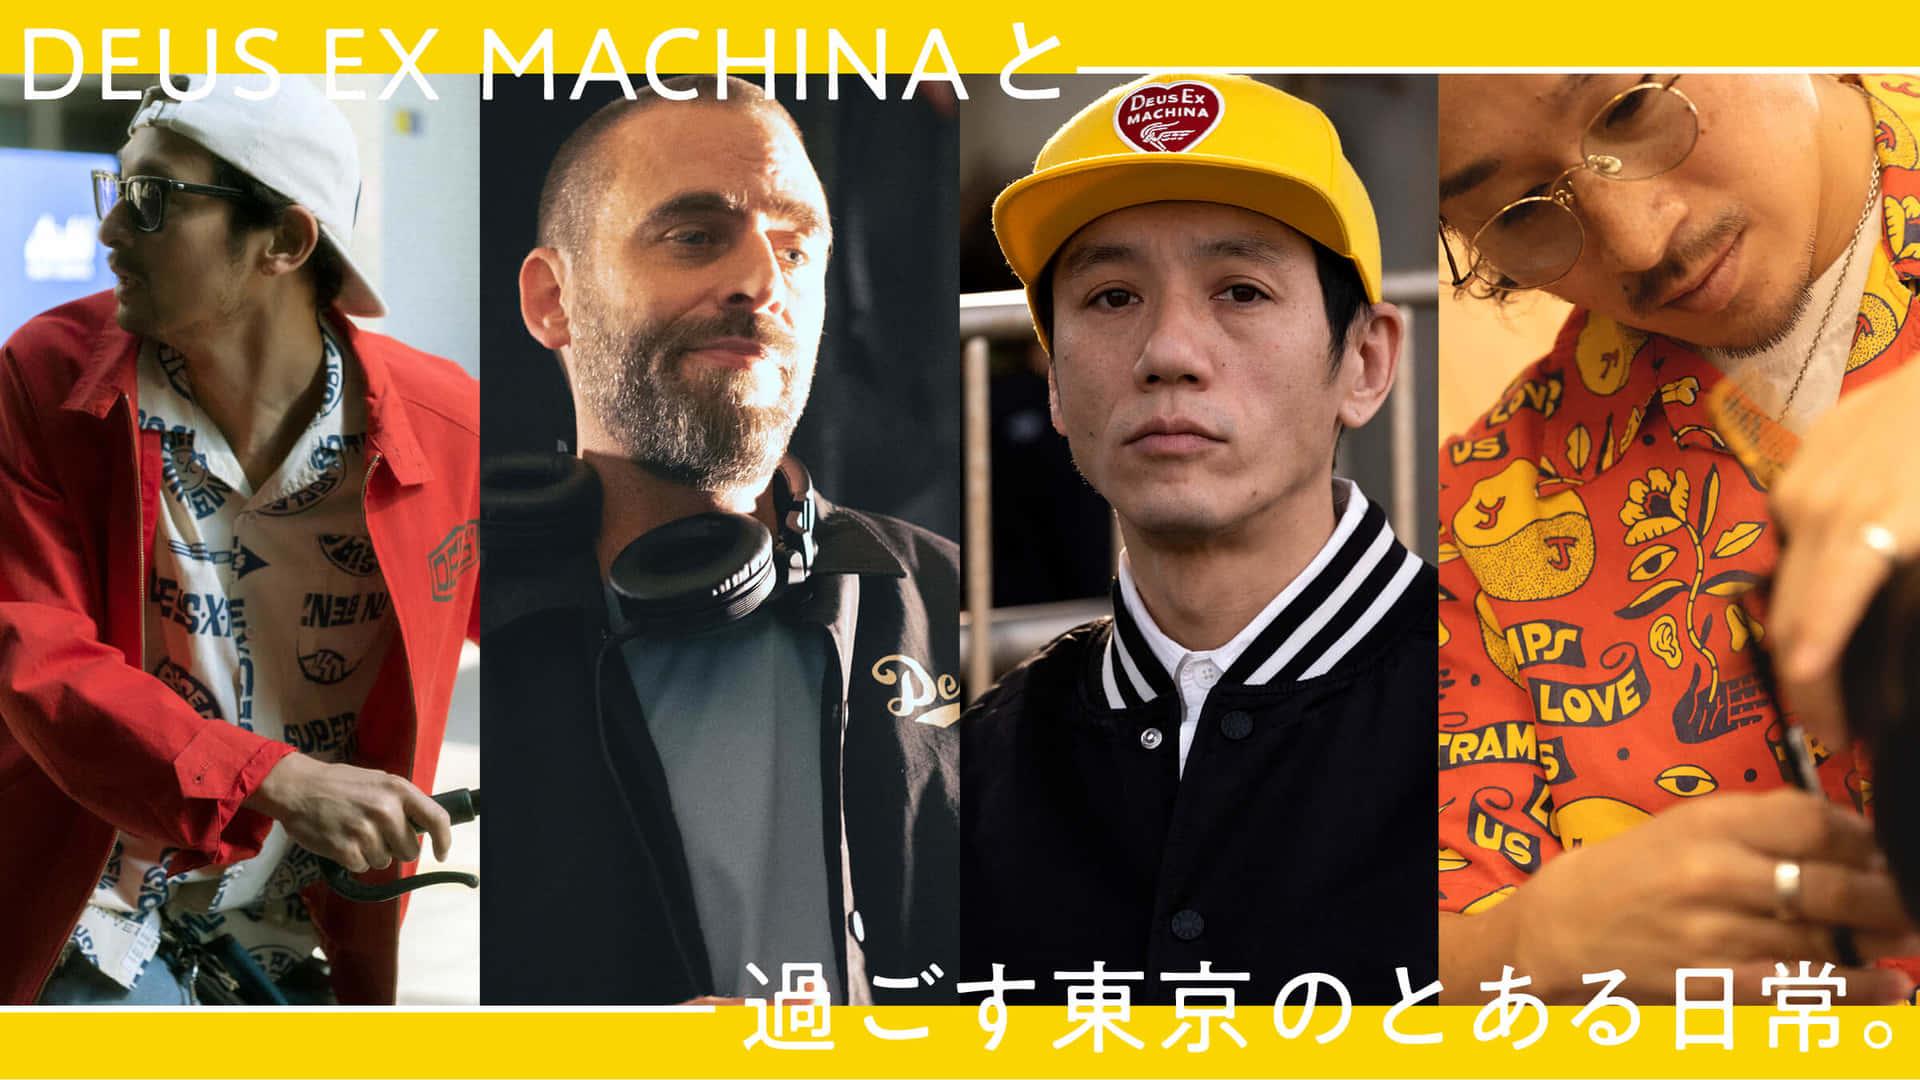 DEUS EX MACHINAと過ごす東京のとある日常。